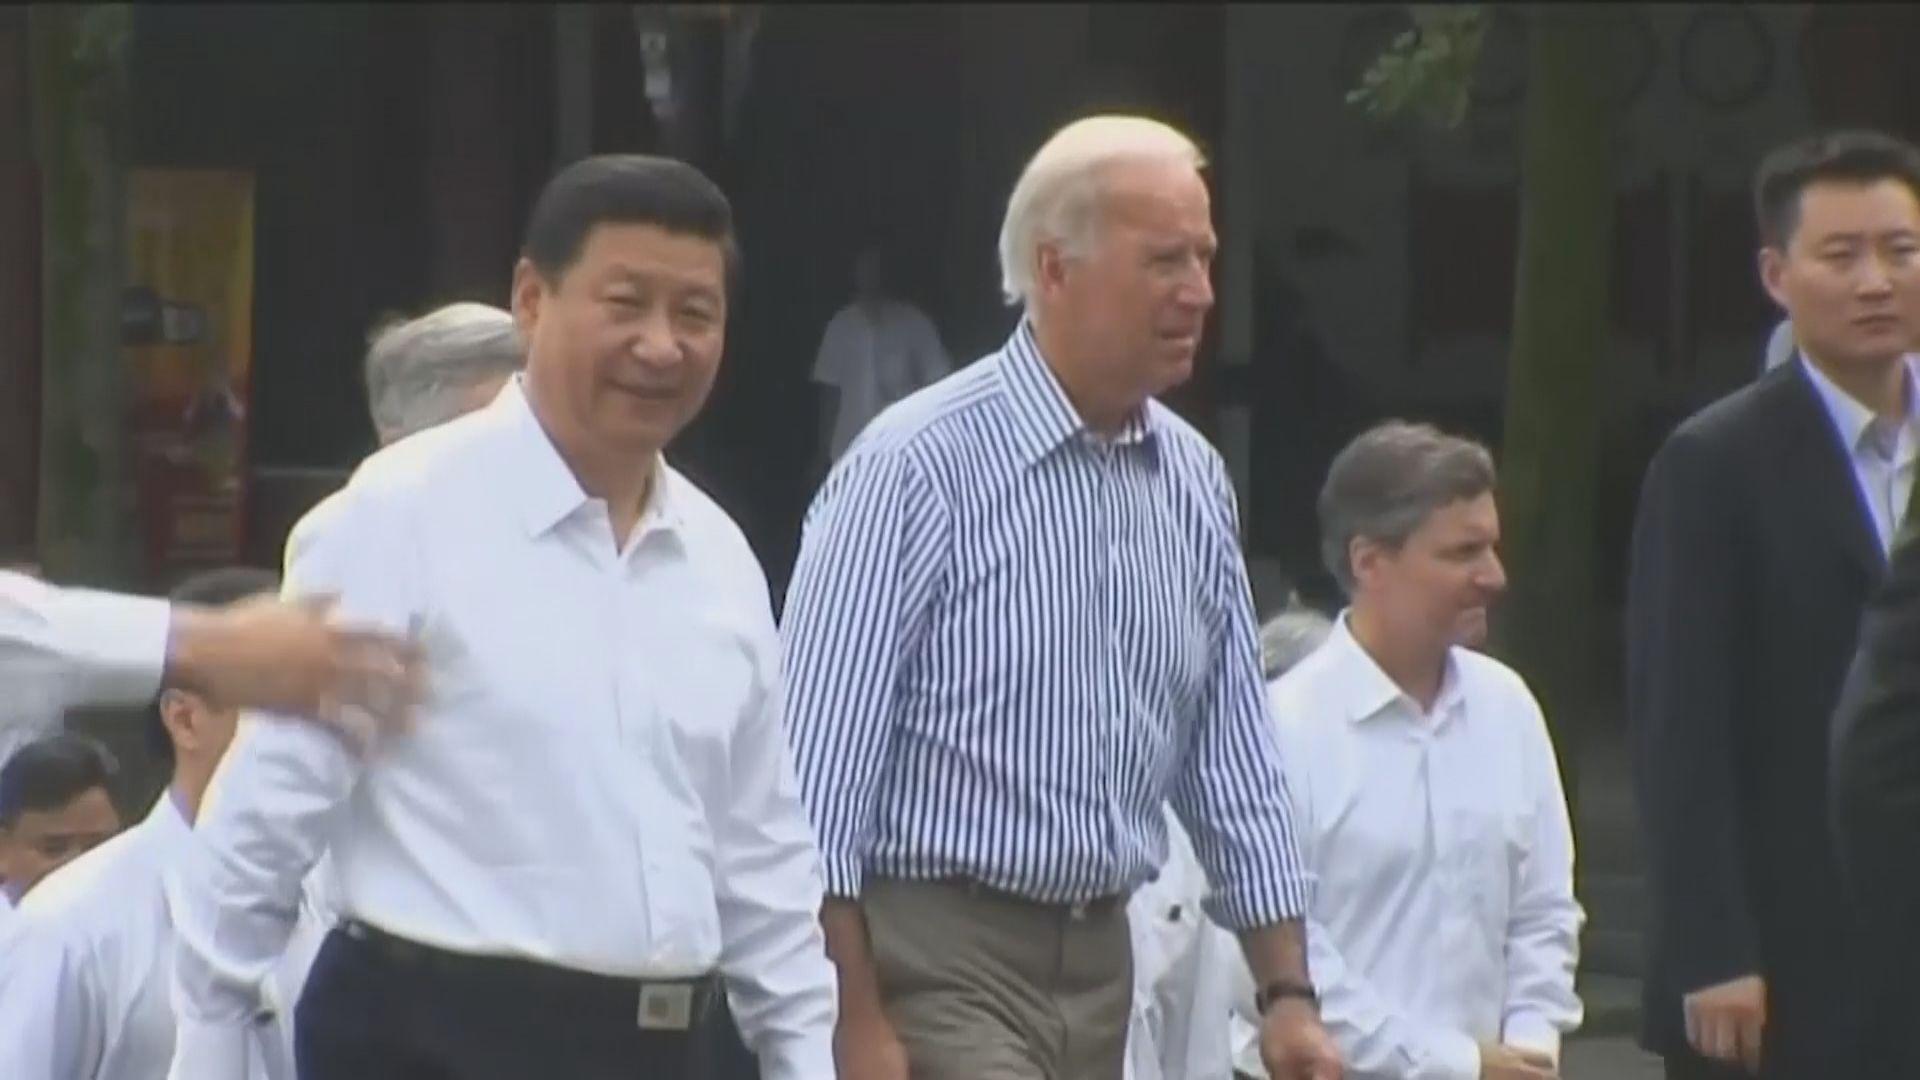 中美領導人對話 習近平稱中美關係正處於重要關口